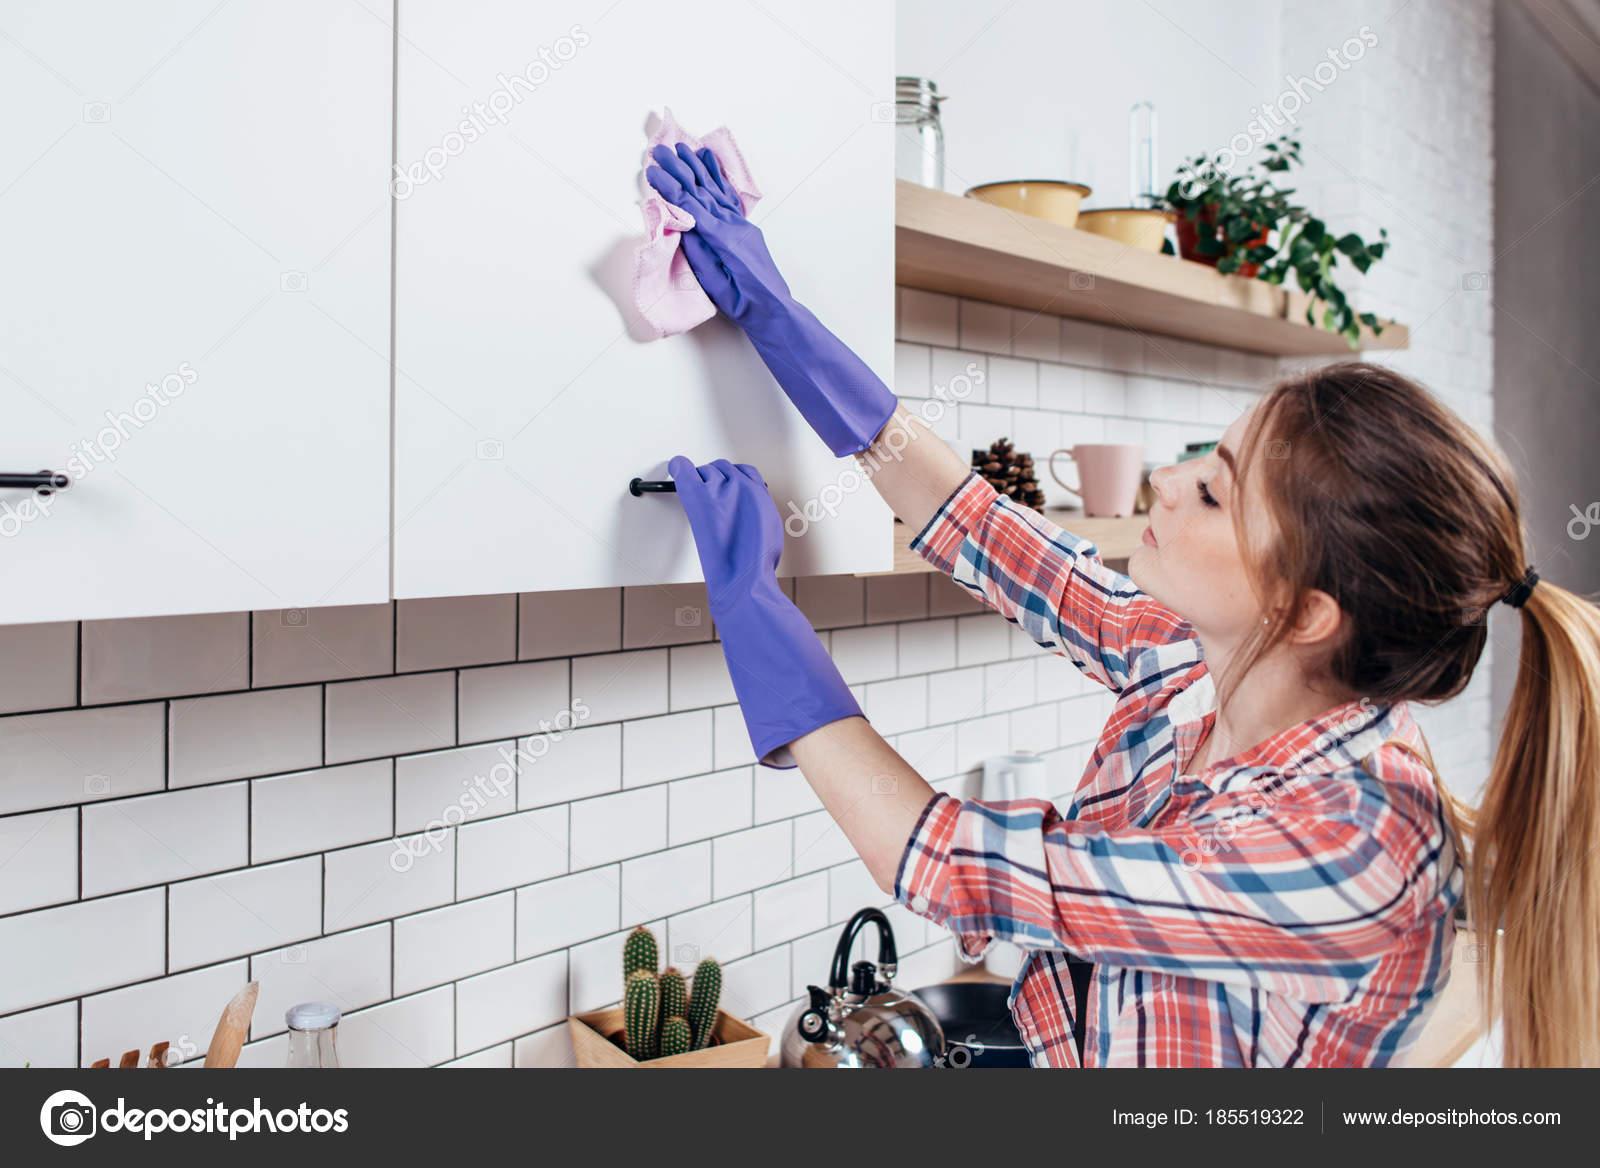 Frau in Latex Handschuhe Reinigung Küchenschrank — Stockfoto ...